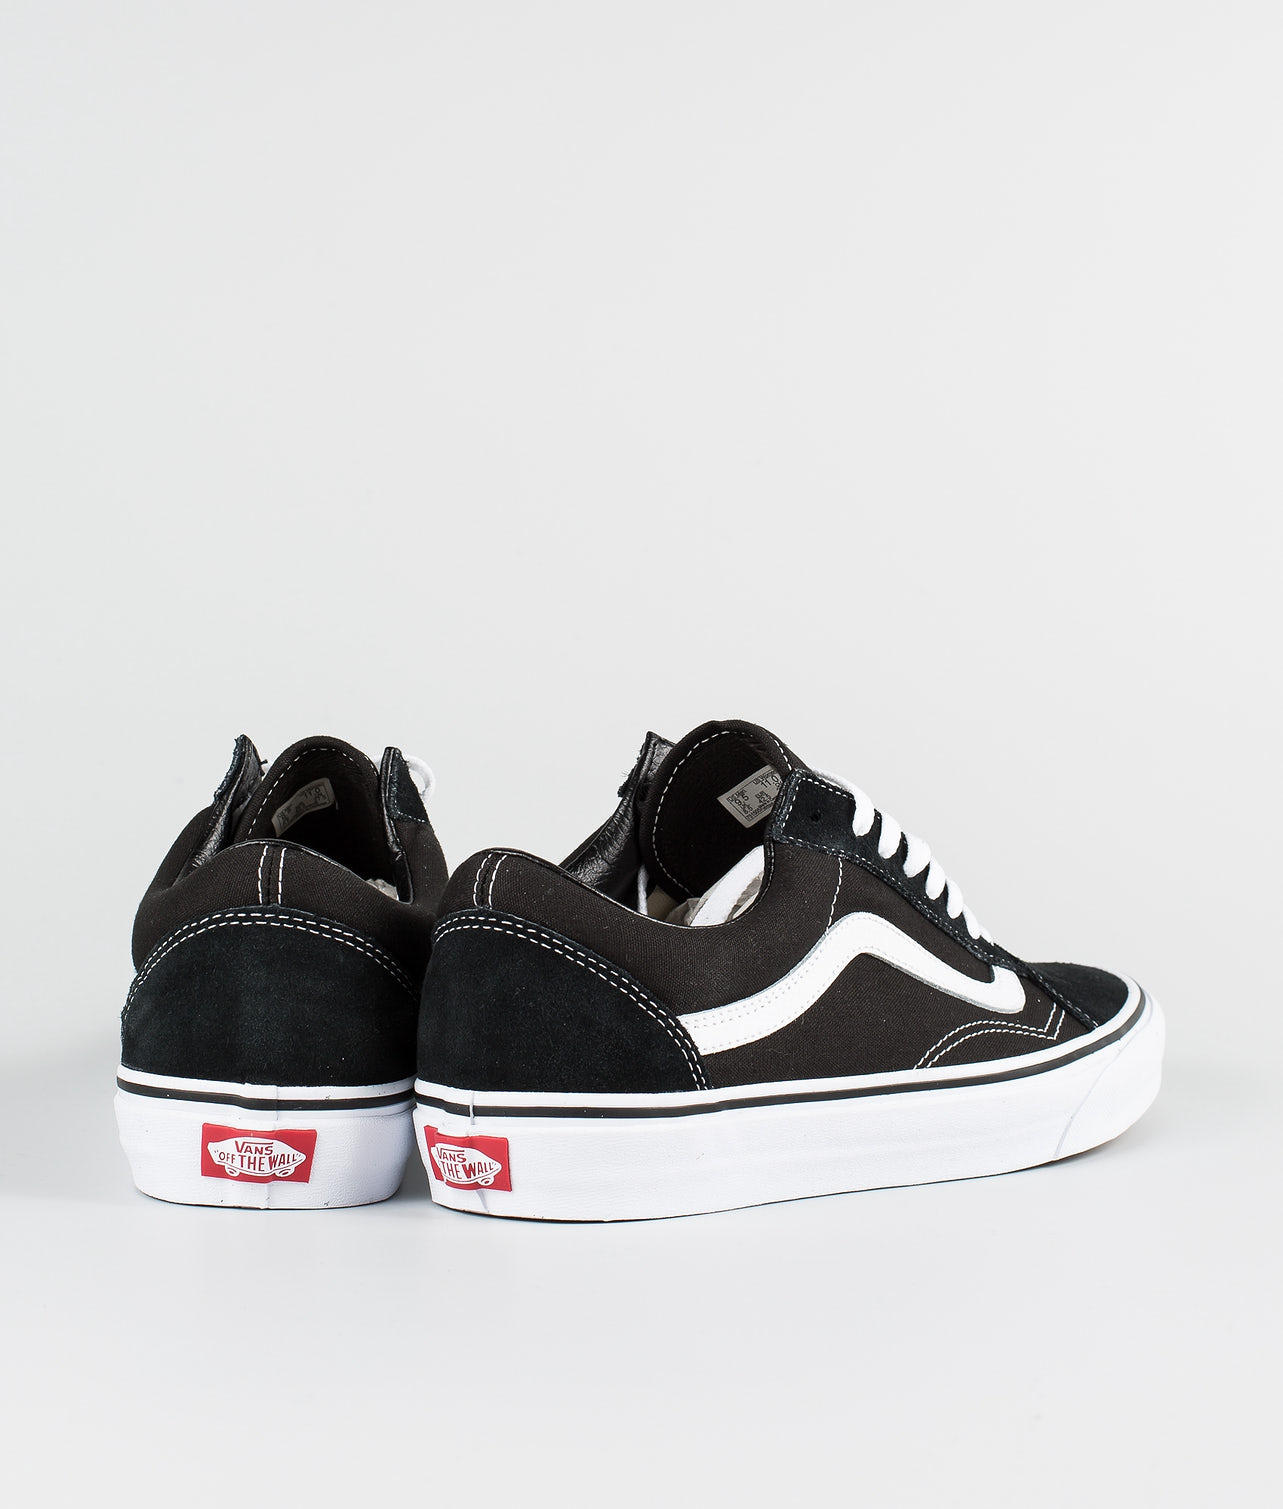 Vans Old Skool Sko Black/White